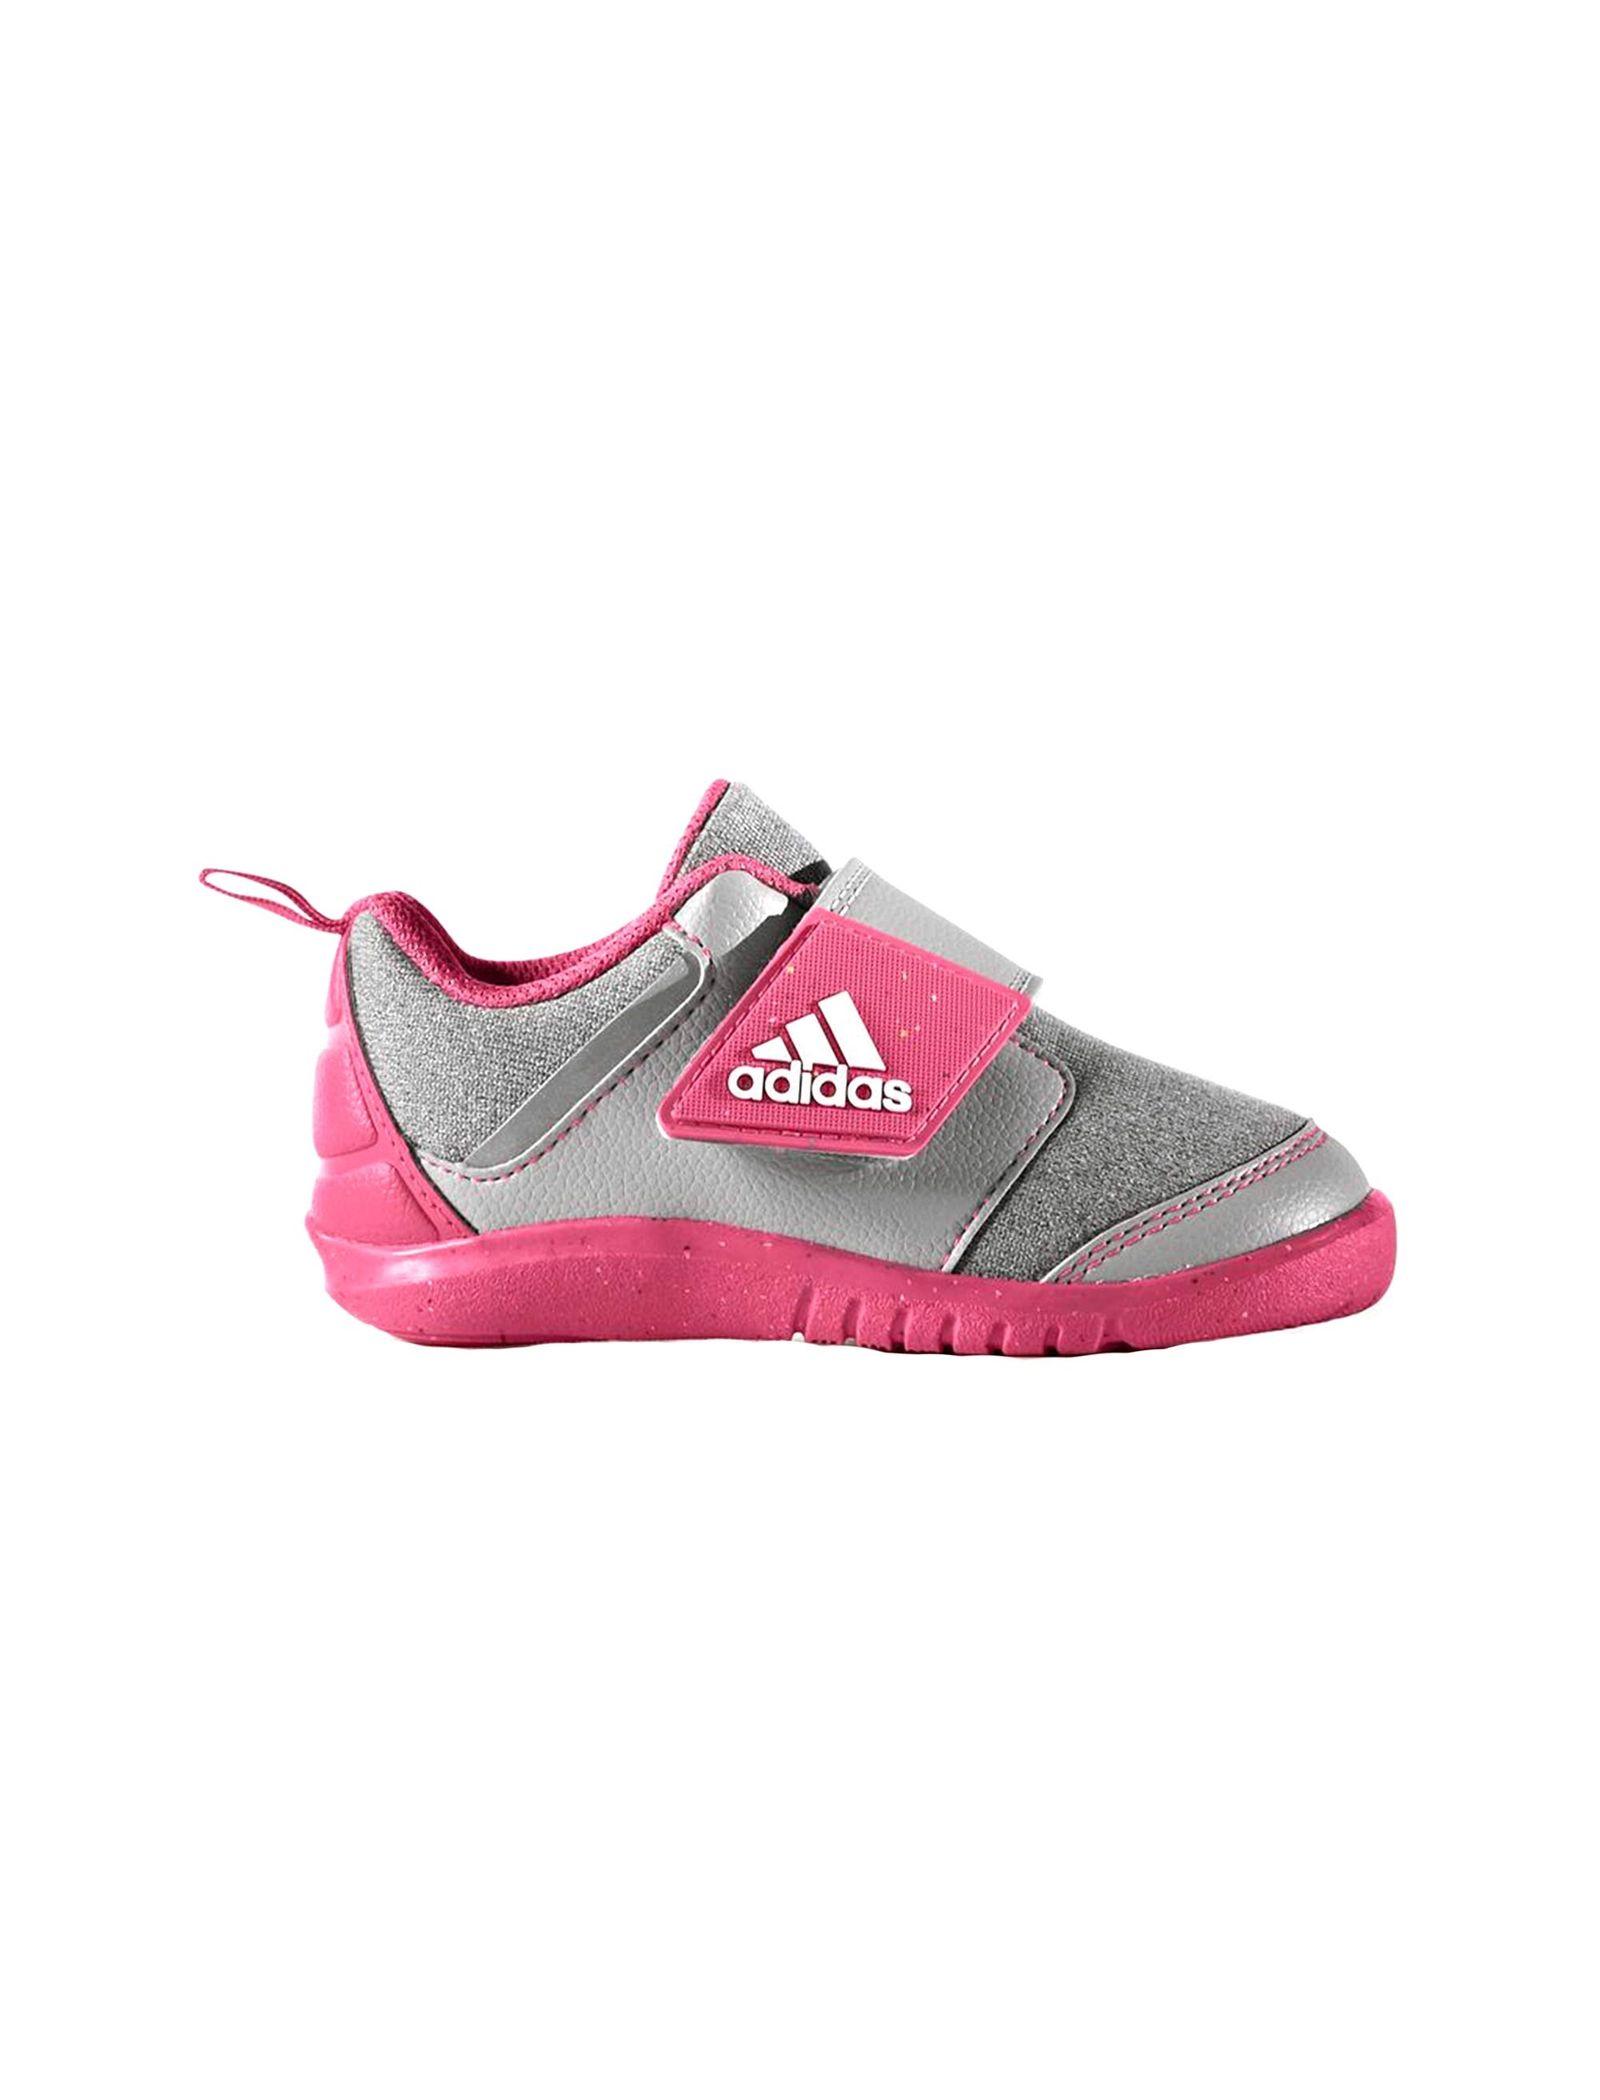 کفش تمرین چسبی دخترانه FortaPlay - آدیداس - صورتي - 1